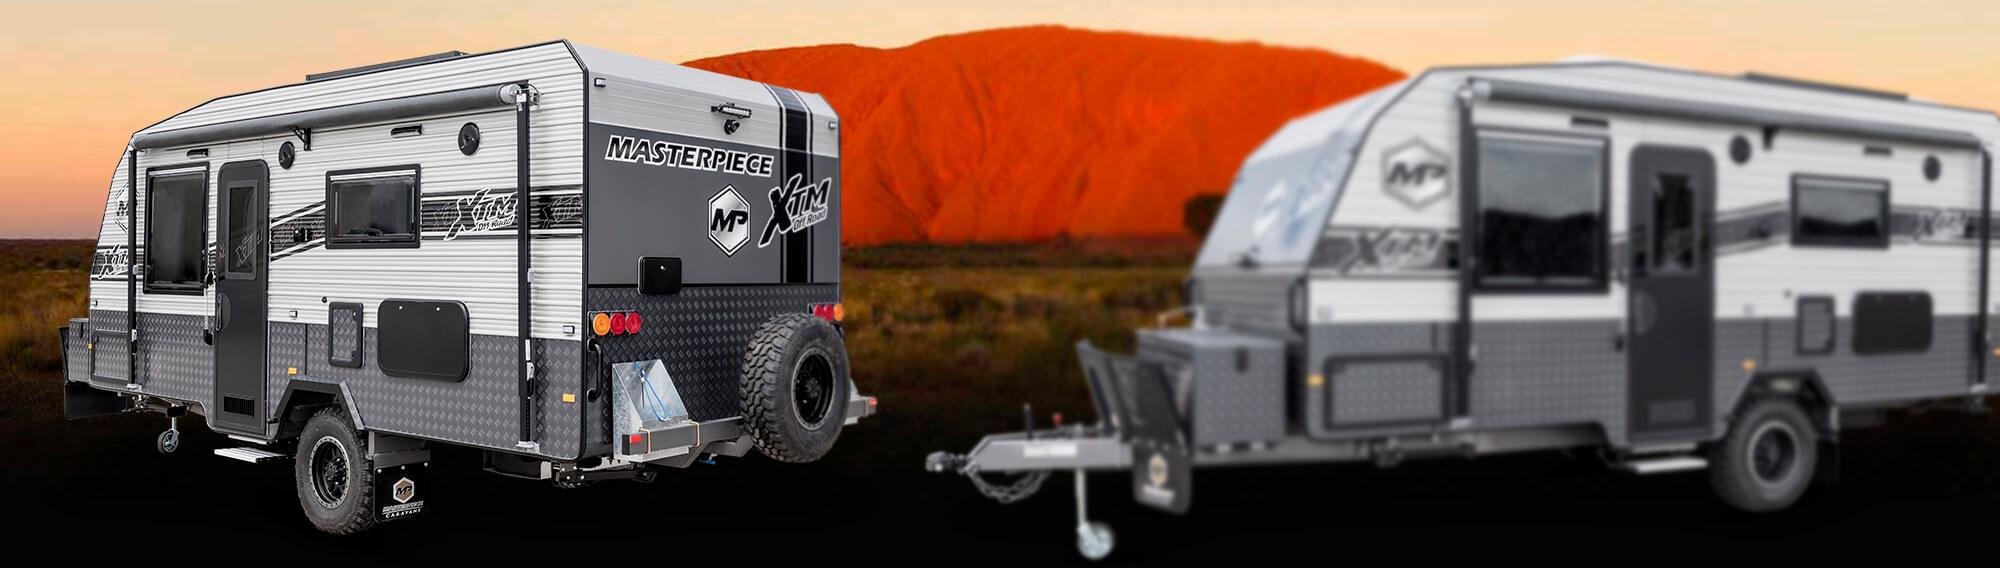 XTM - Light Weight Off Road Caravan